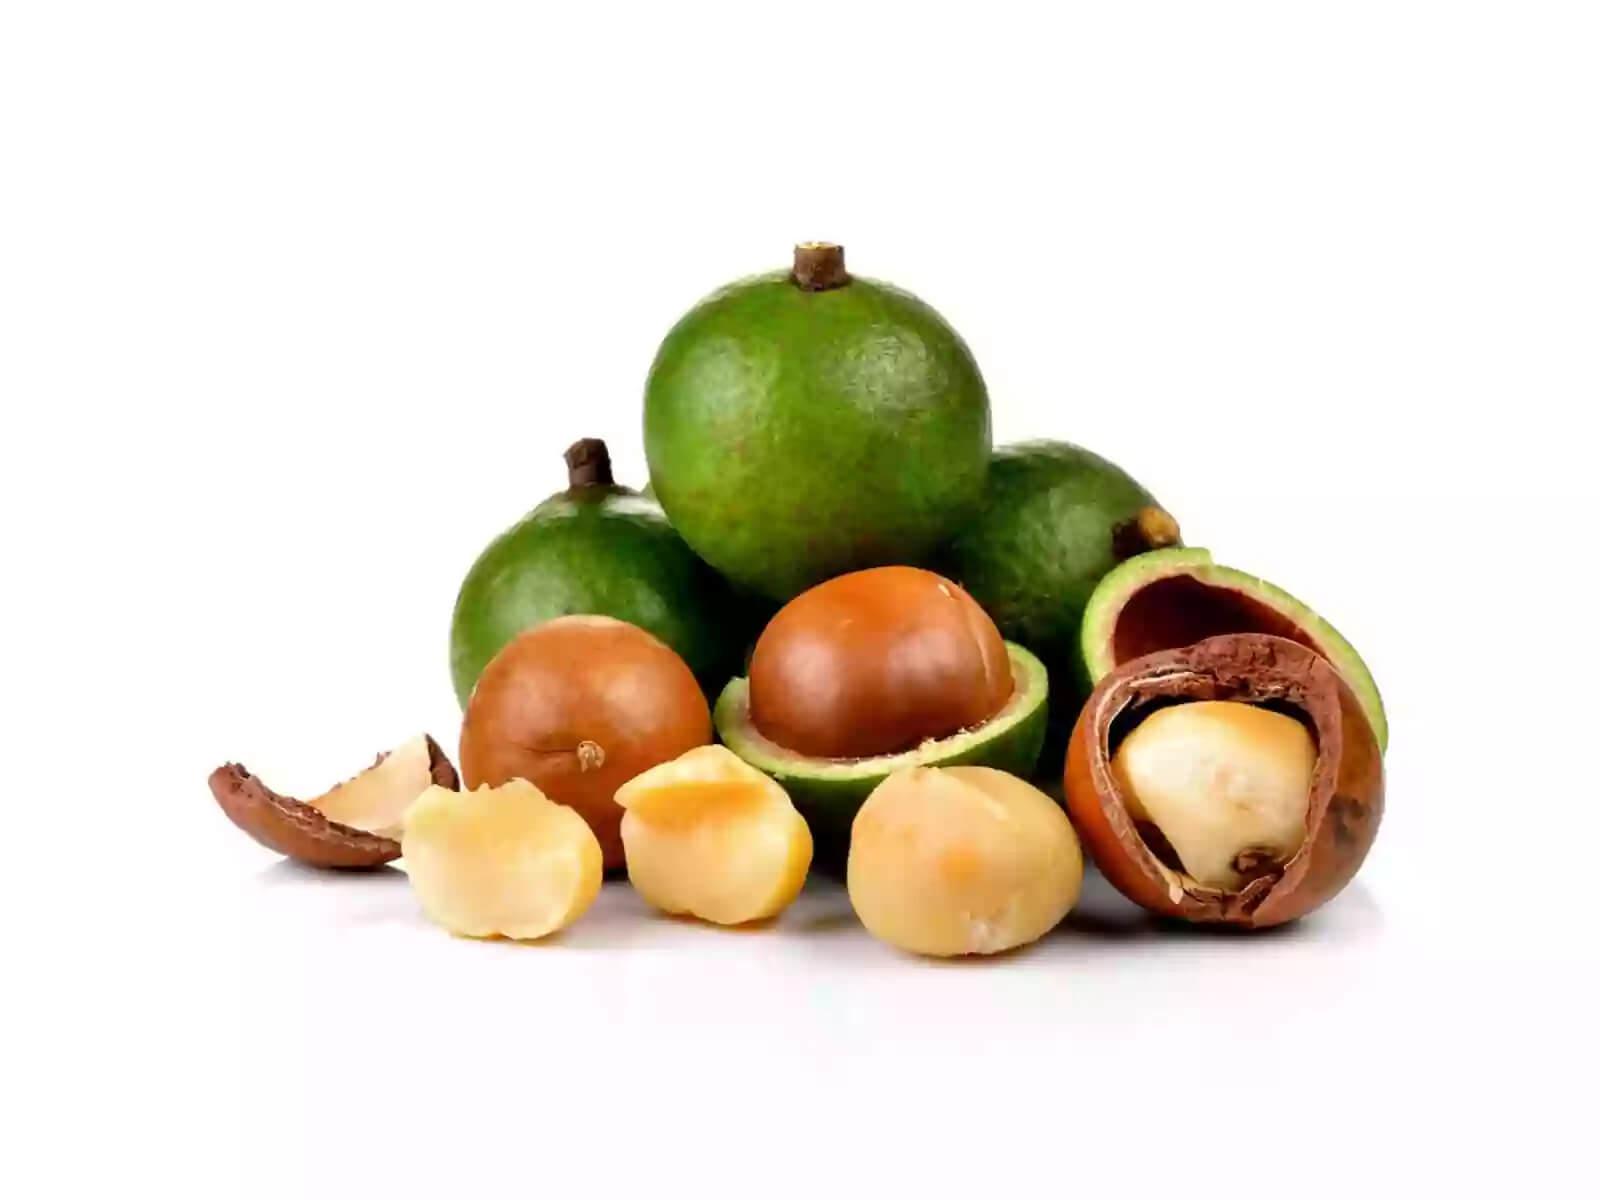 Орех макадамия - на фото все эпаты роста